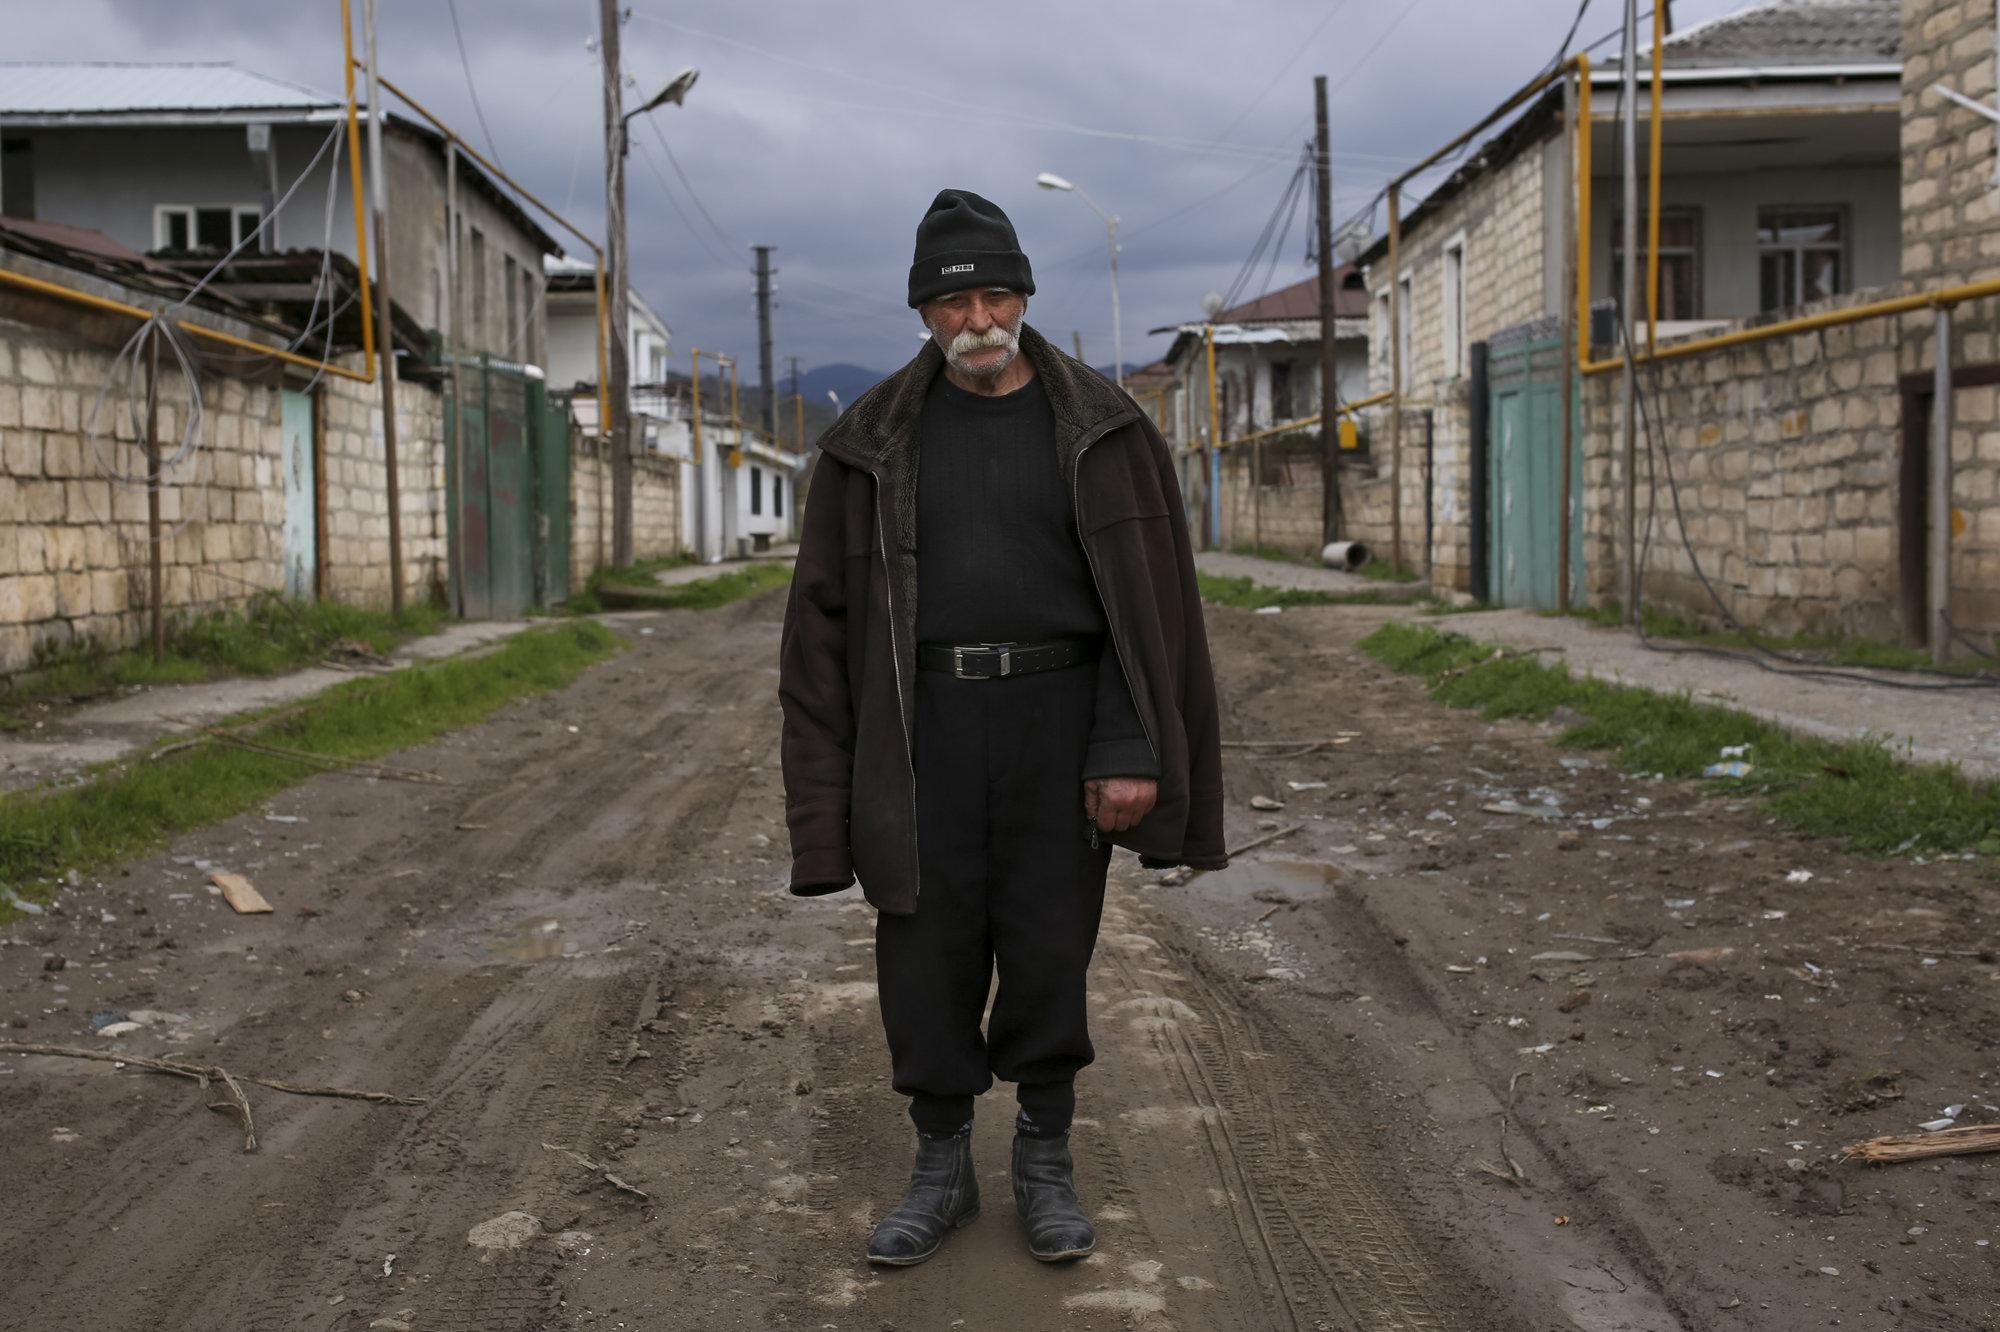 Карабахский конфликт, изменивший мир, может возобновиться